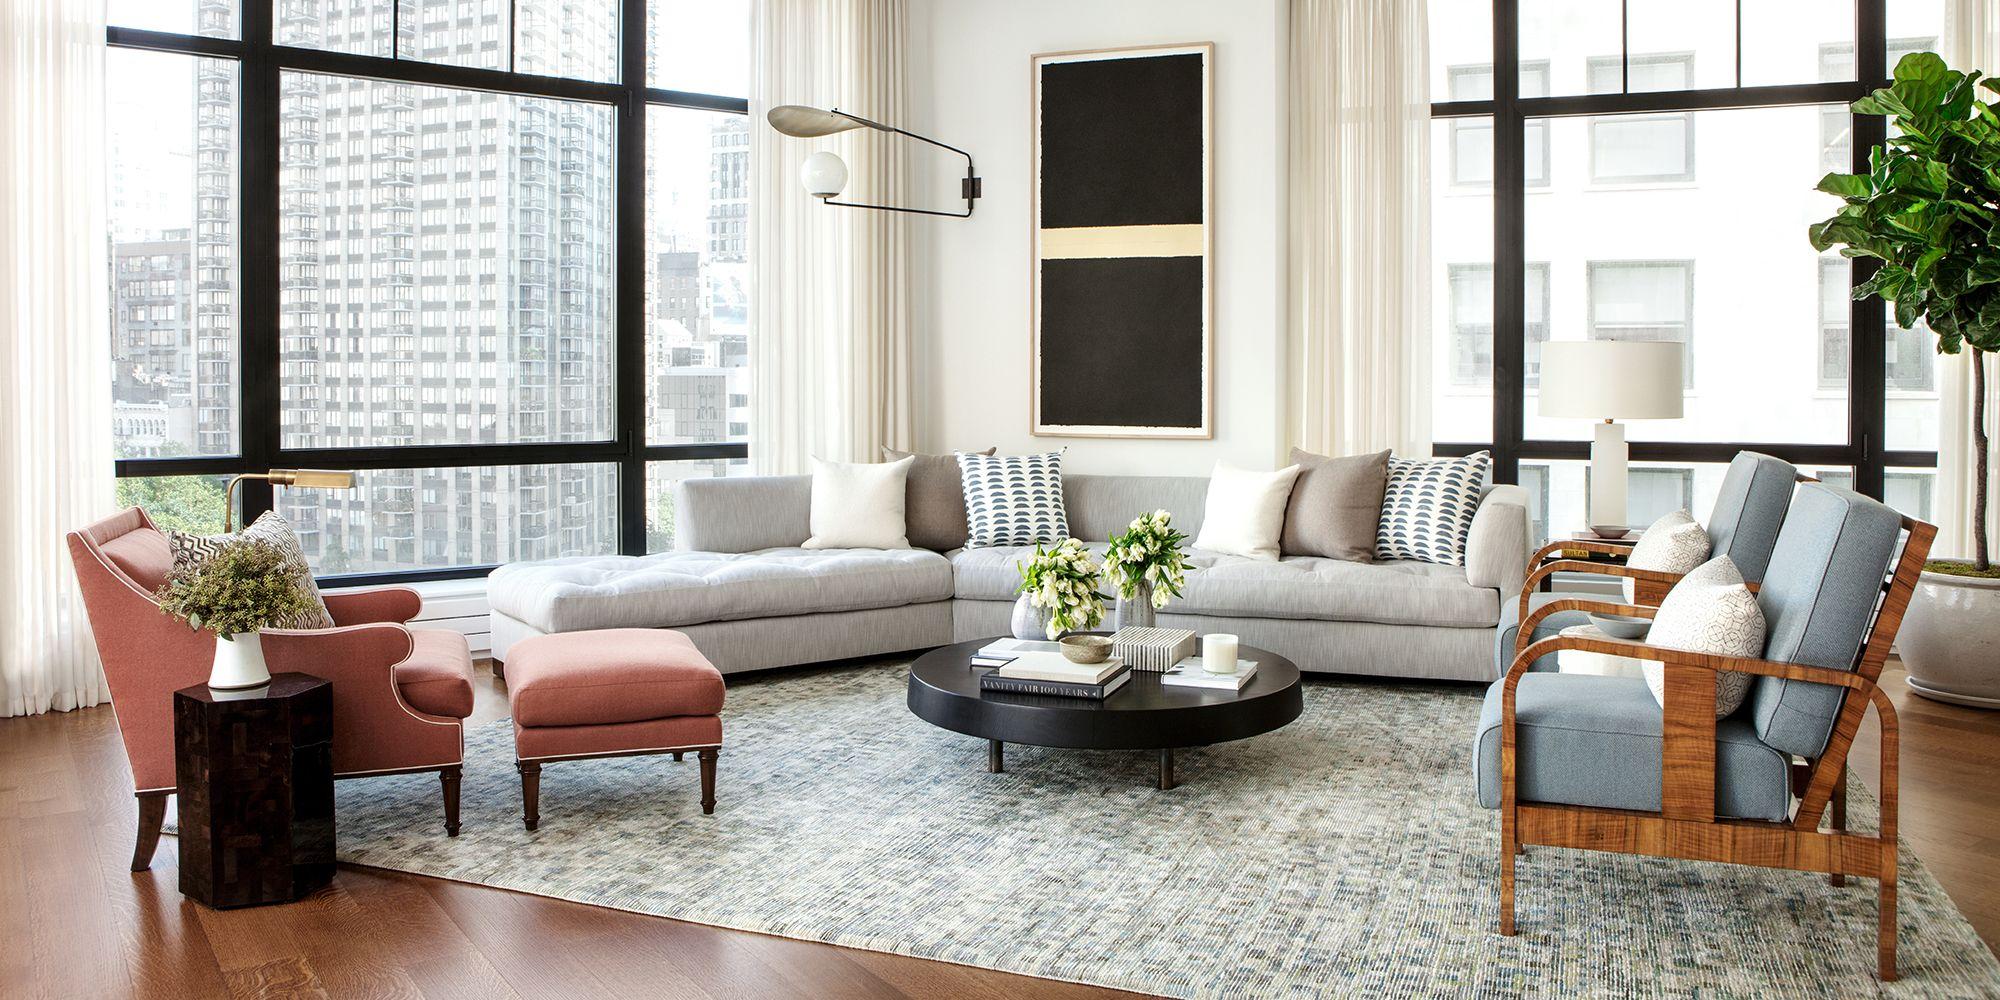 30 living room furniture